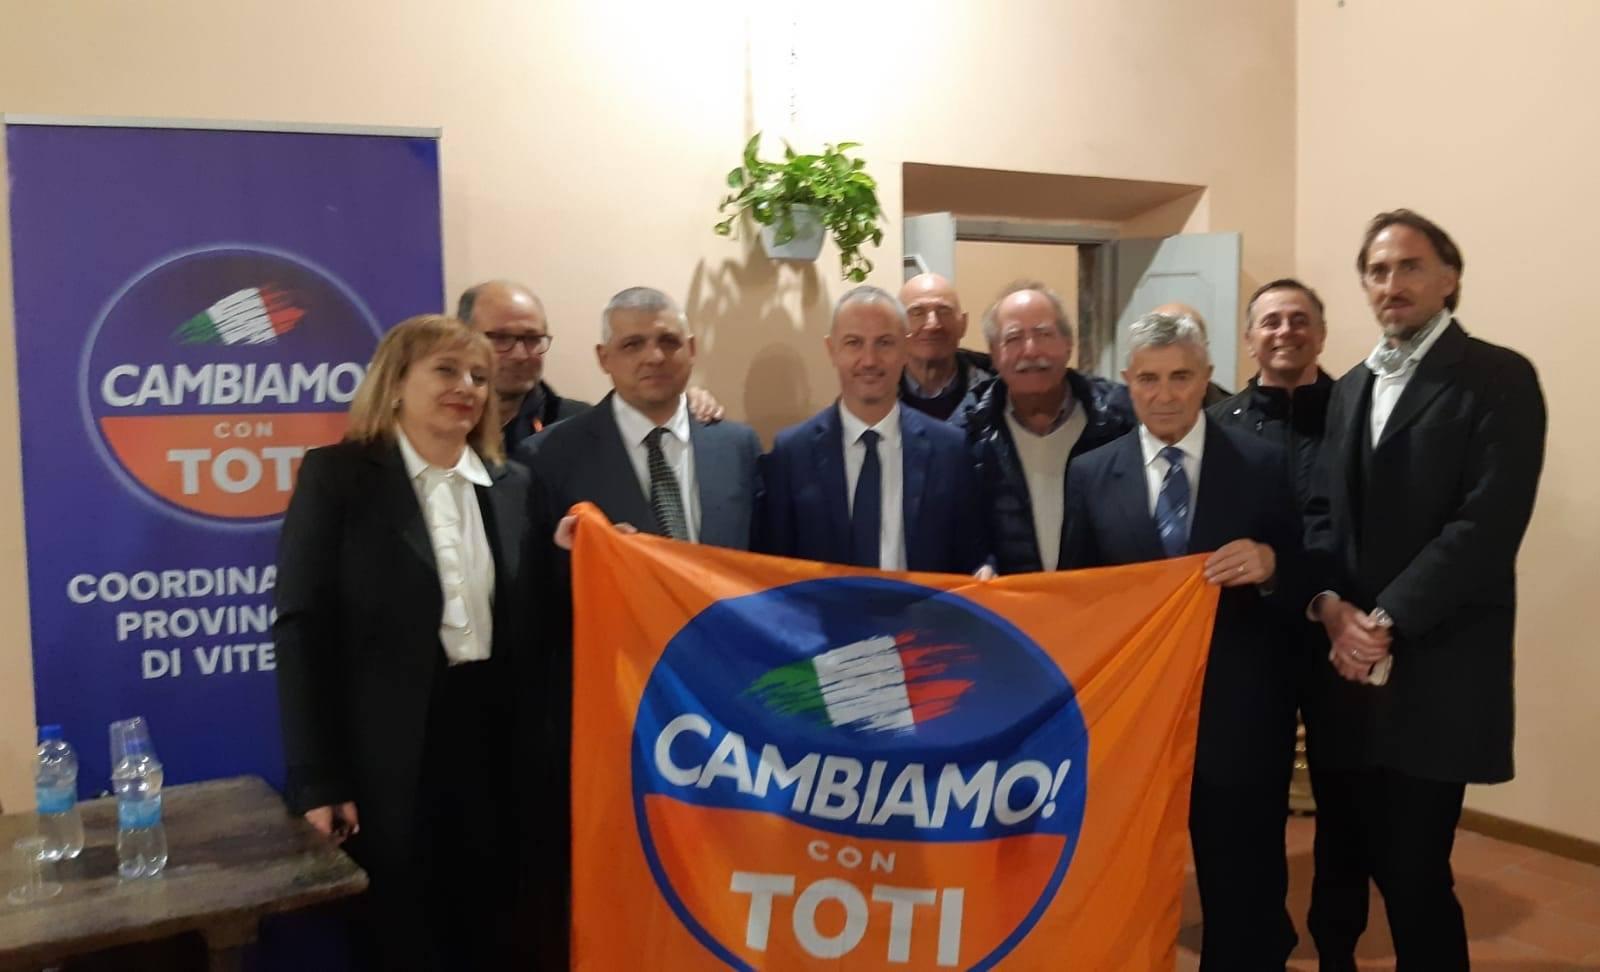 Vetralla, venerdì 13 la presentazione del Comitato Cambiamo con Toti locale